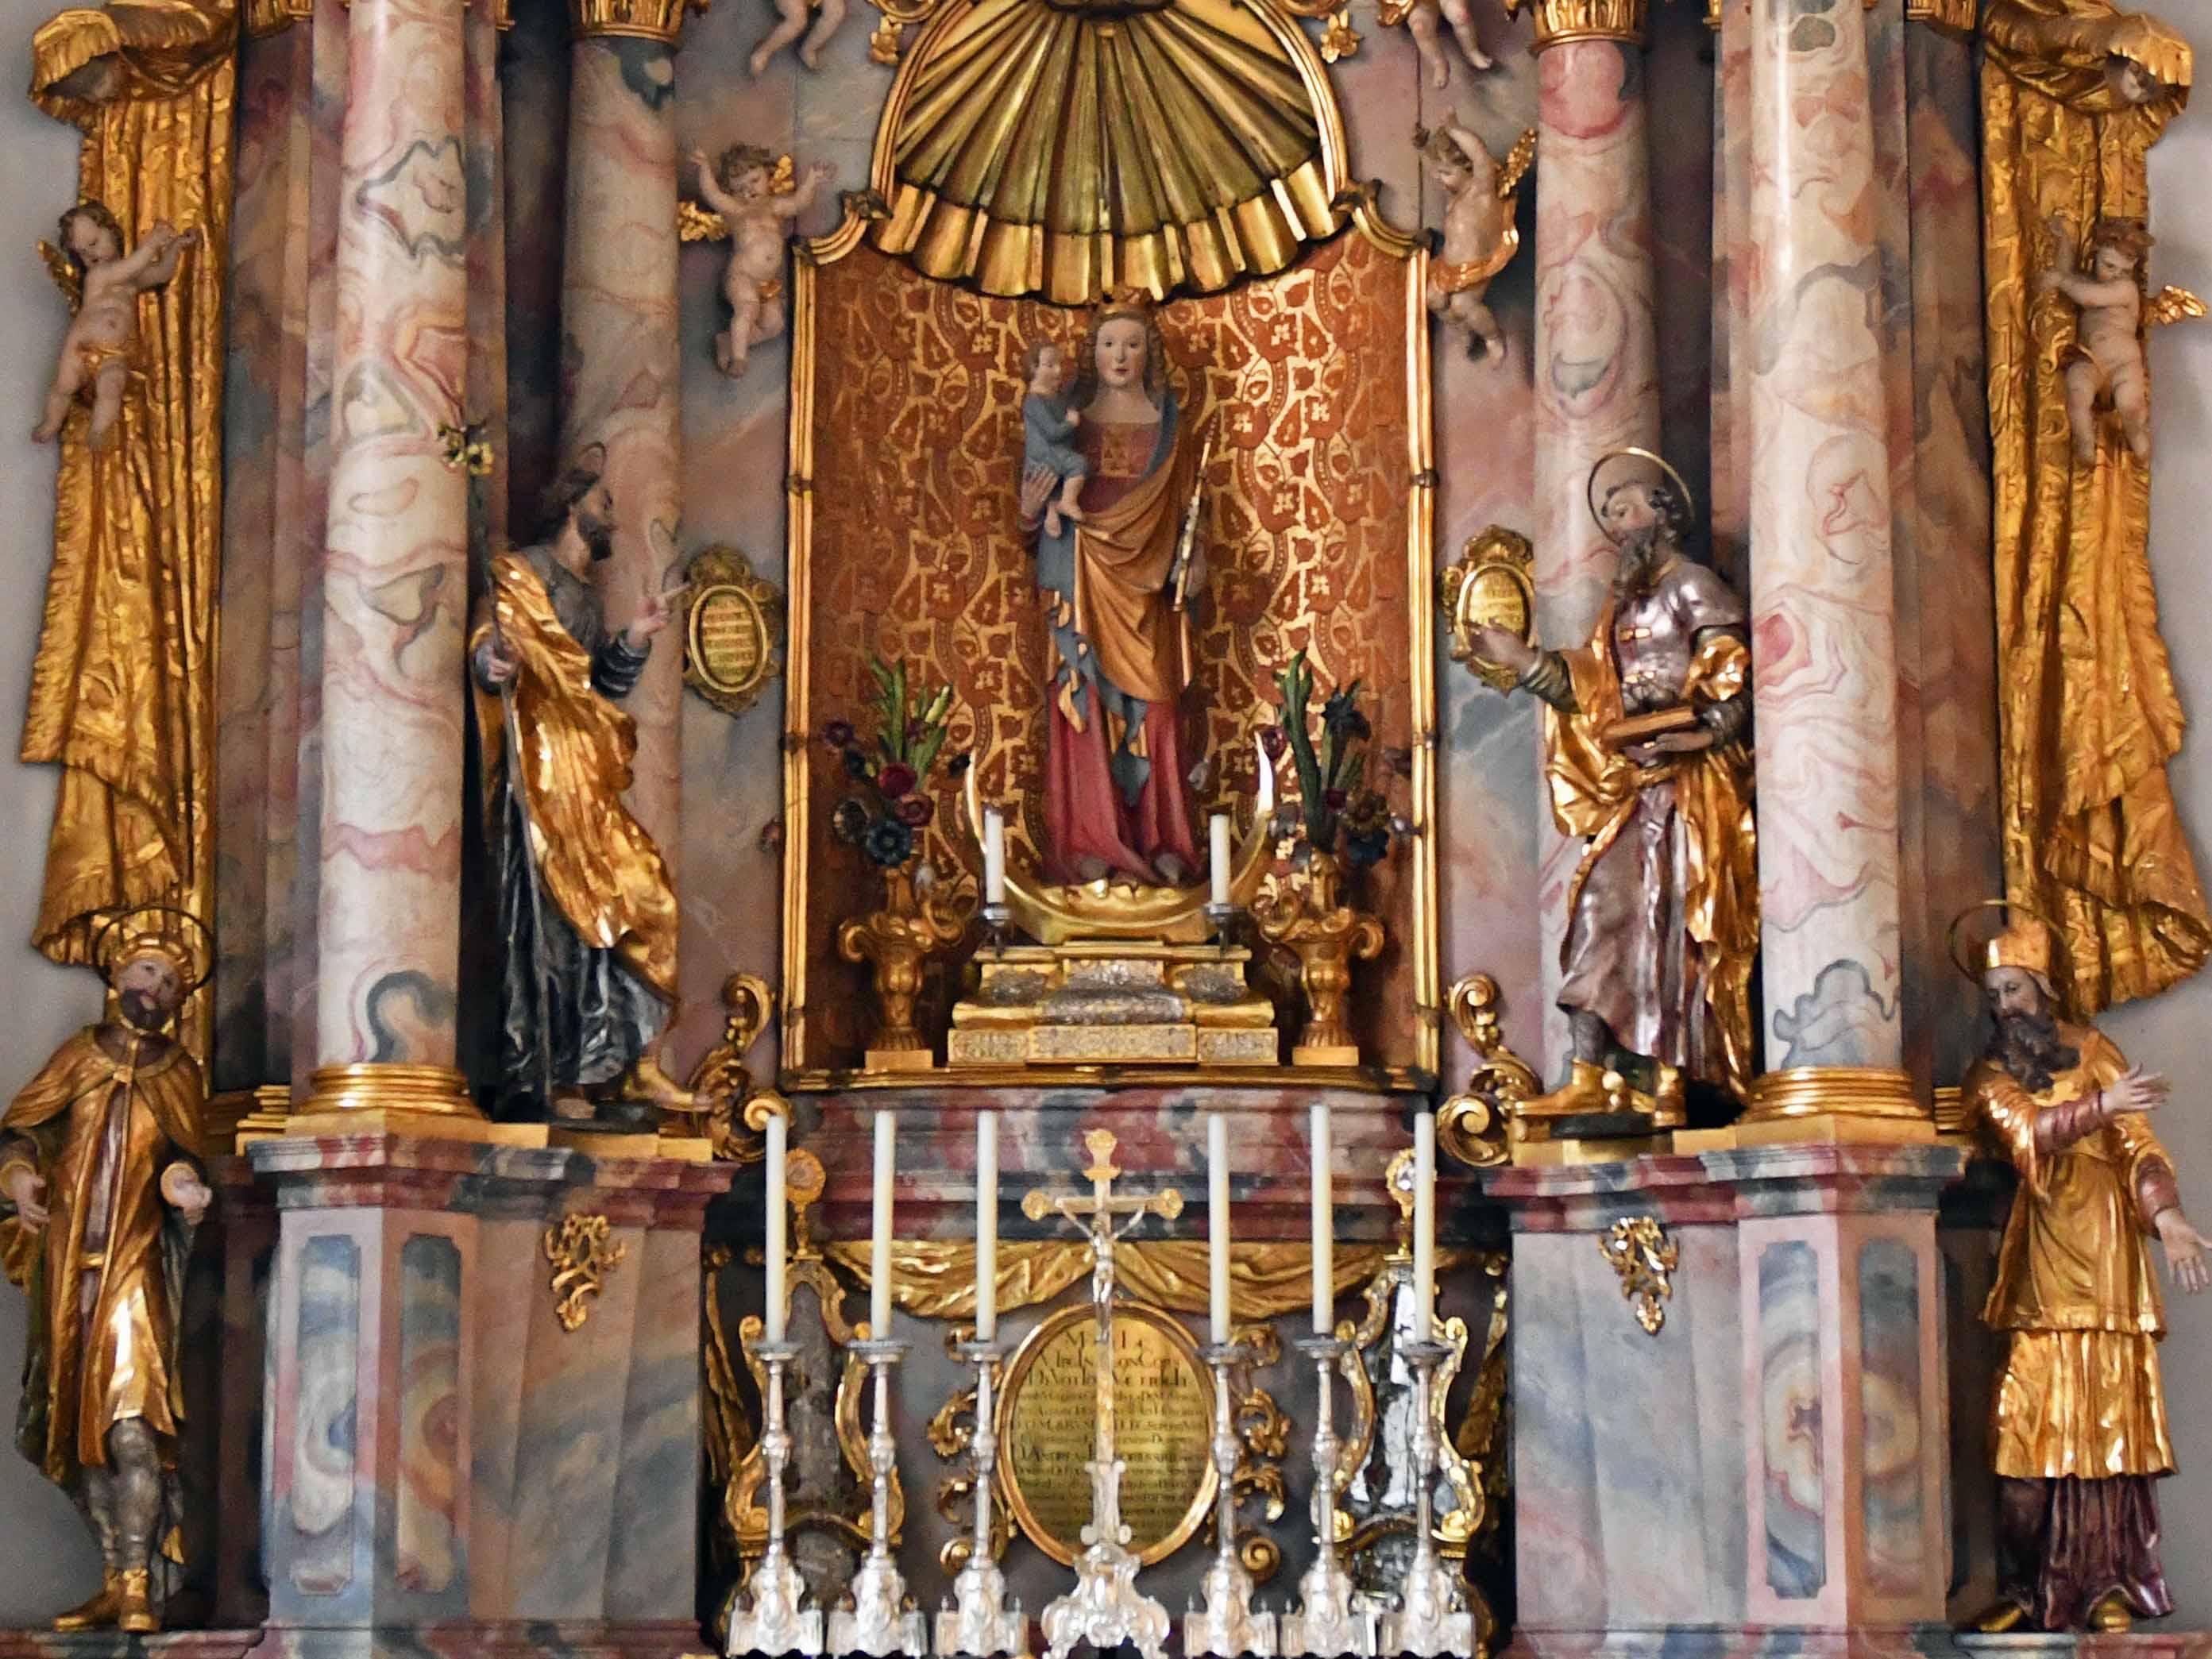 Mariendarstellung in der Marienkapelle des Augsburger Doms. (Foto: Julian Schmidt / pba)